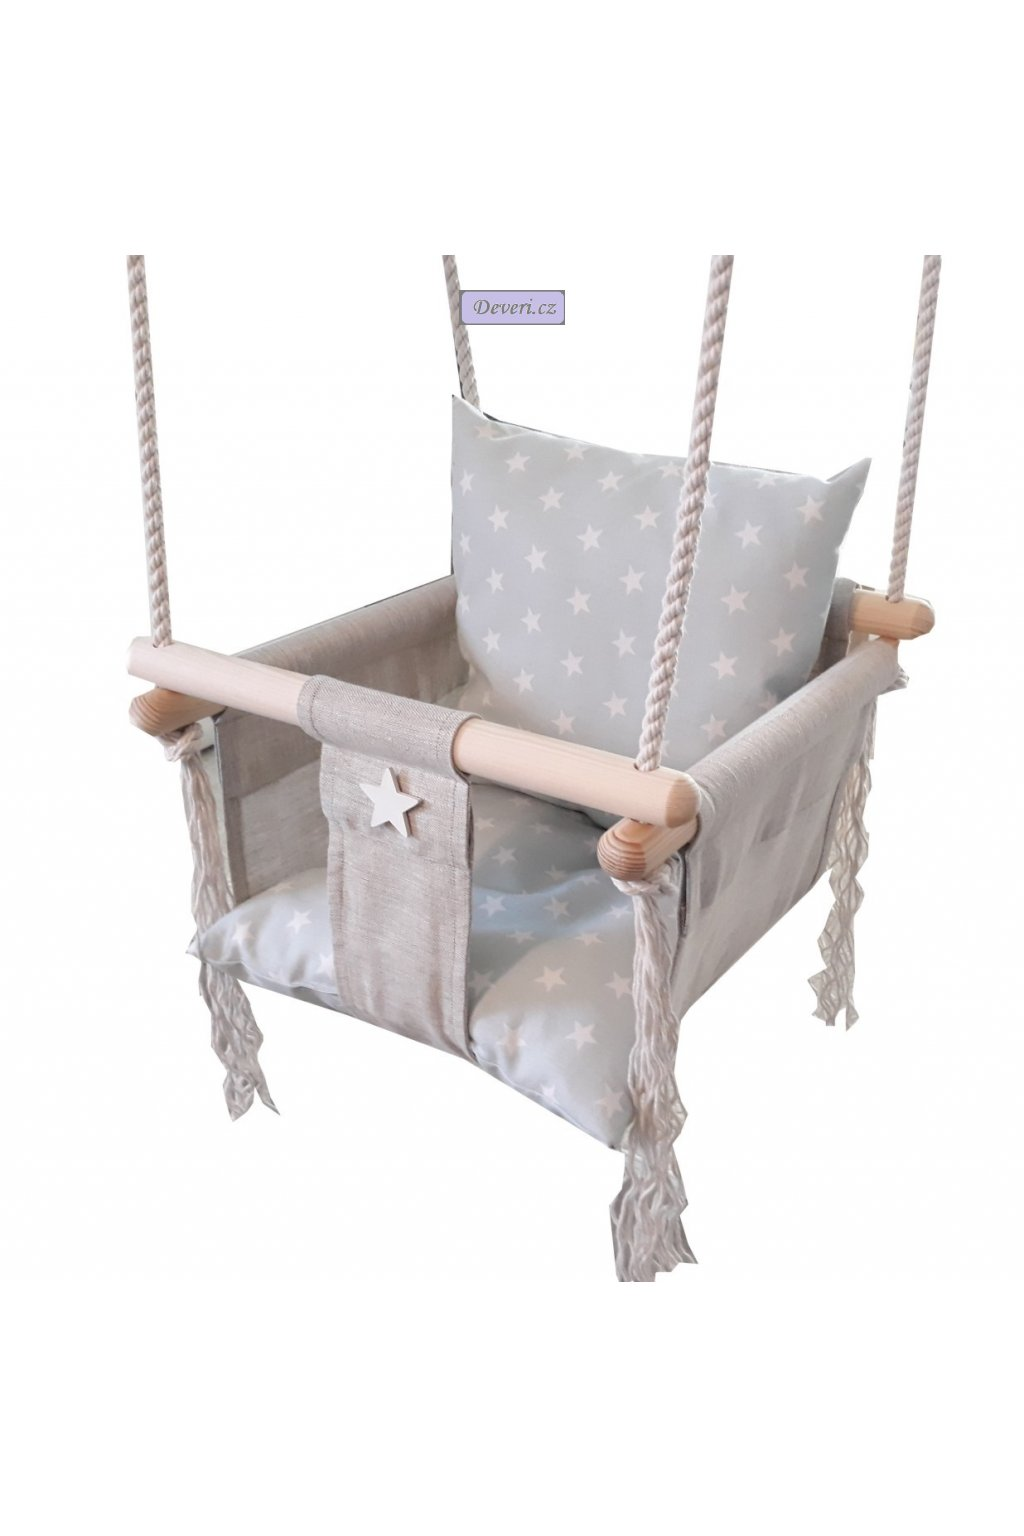 Barevná dřevěná houpačka Rita pro děti do bytu i na zahradu do 18kg šedá hvězdičky v mátové